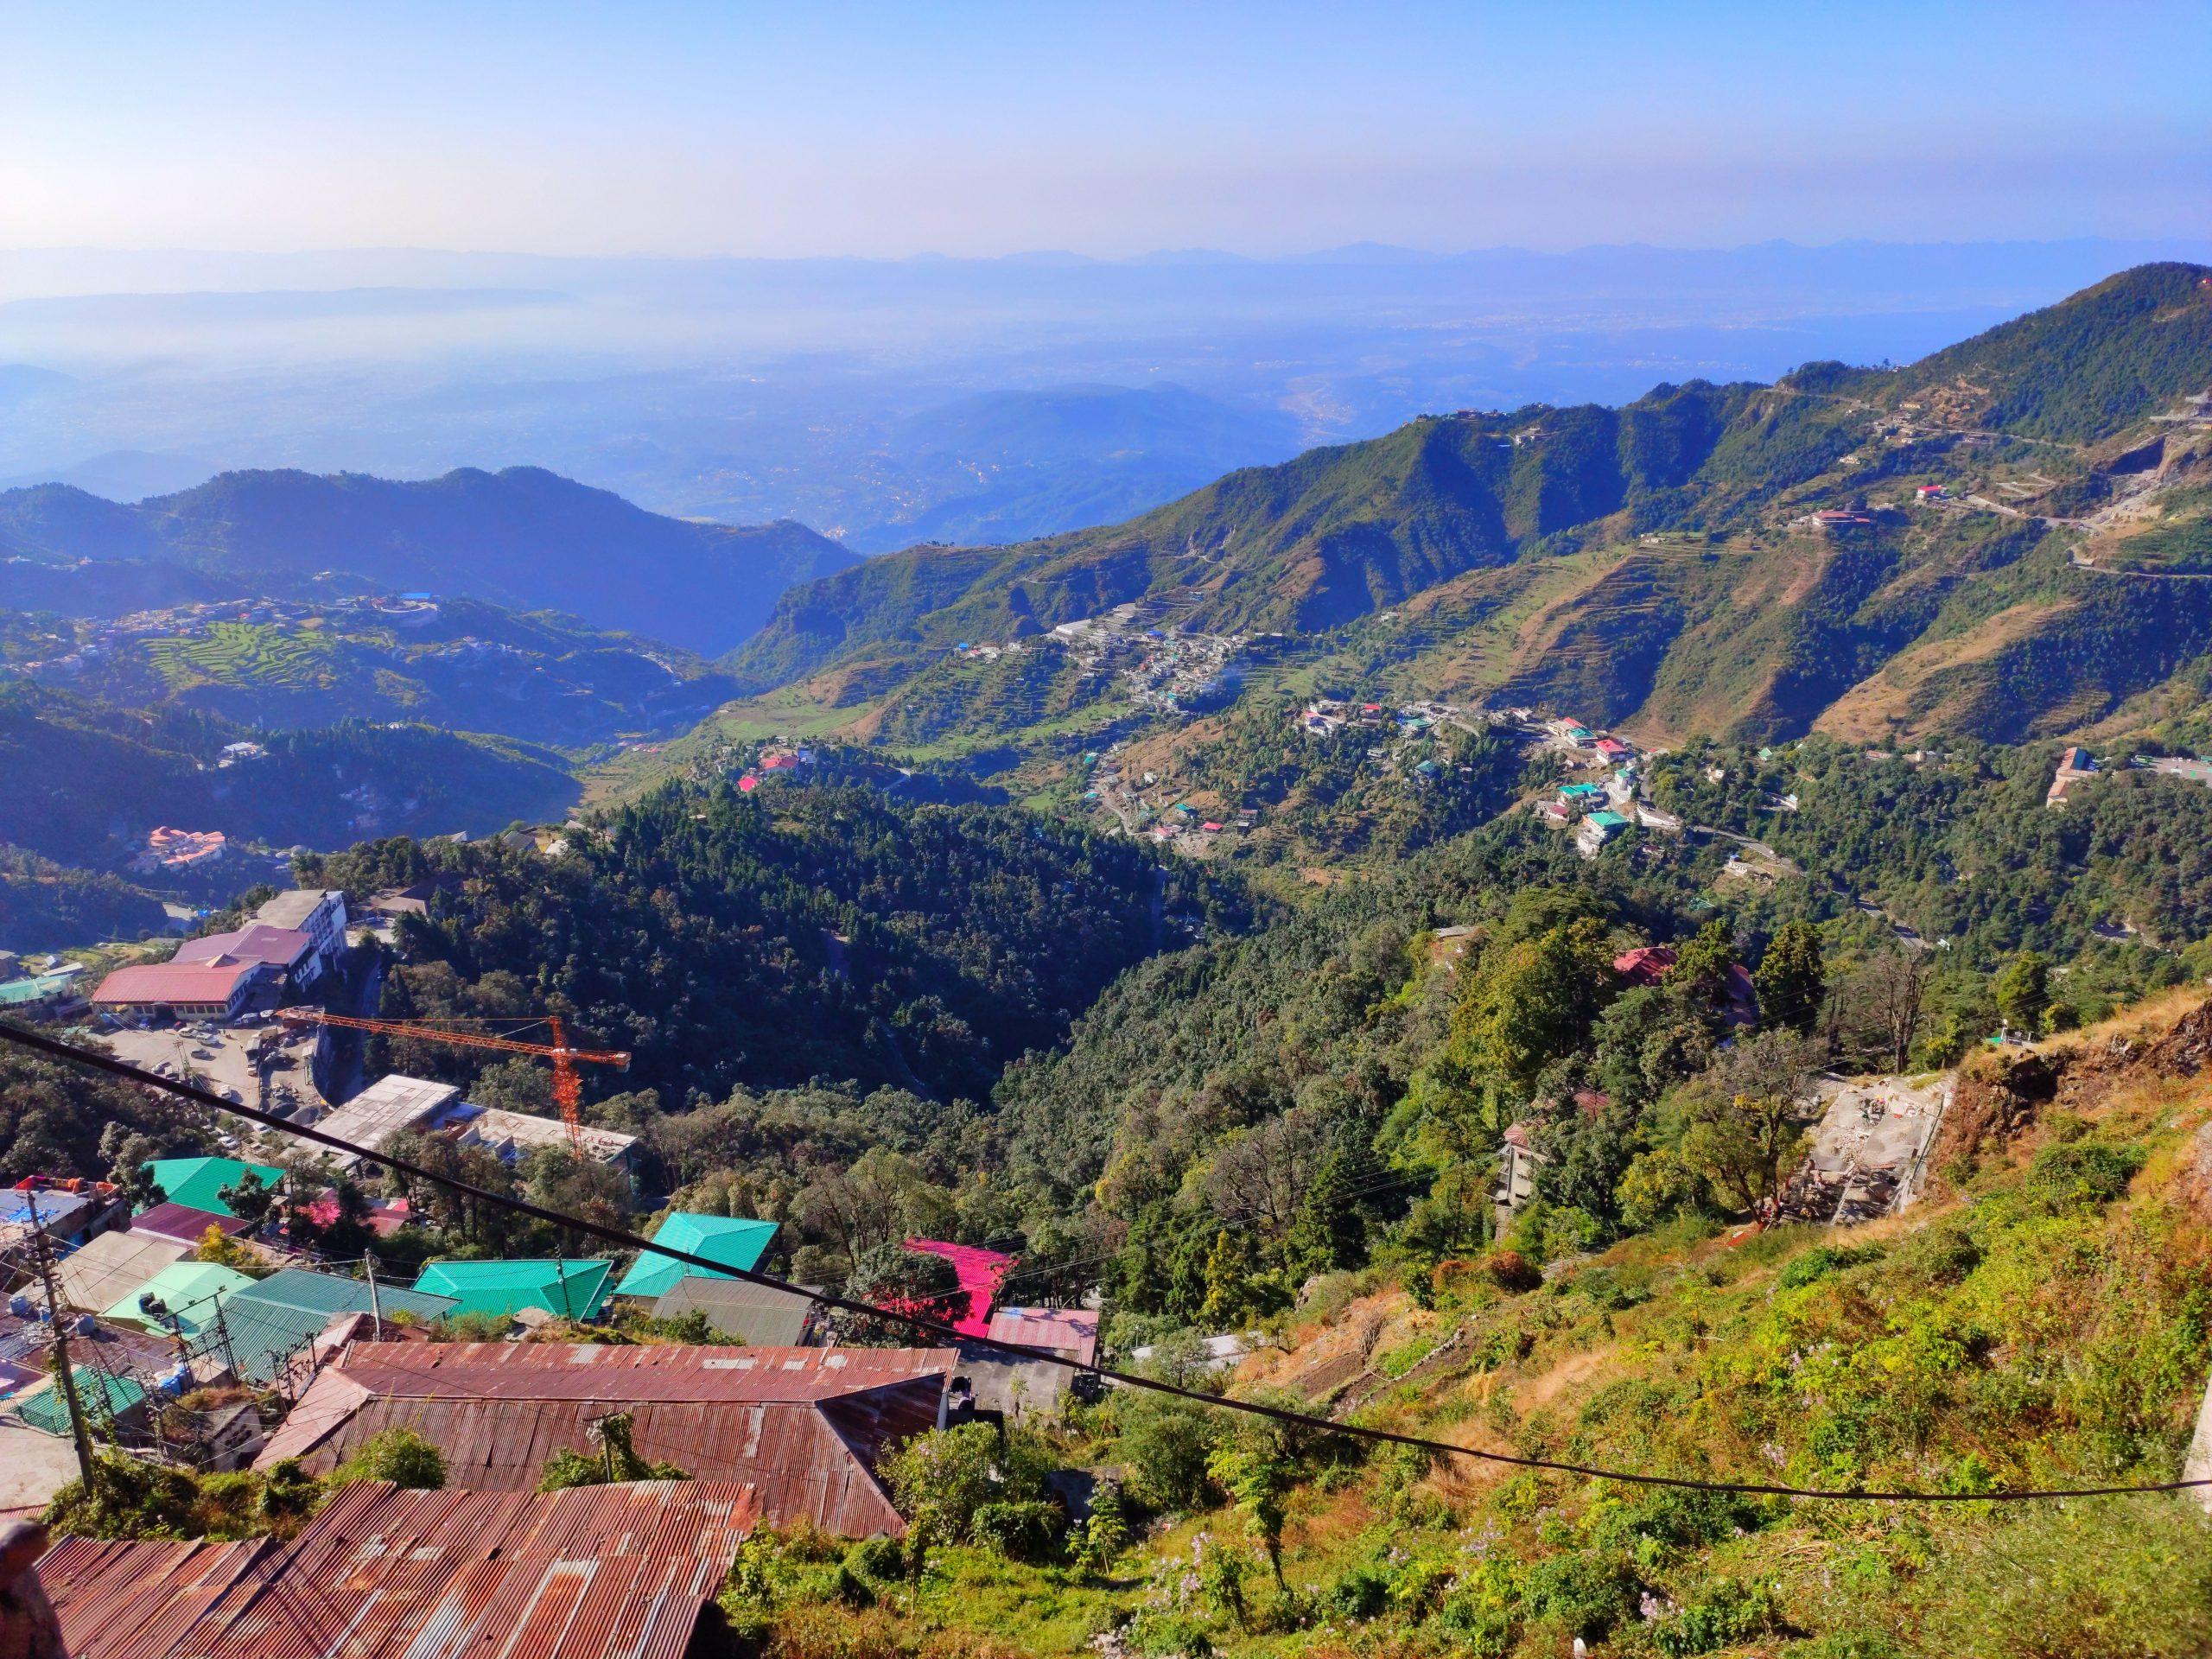 Mussoorie valley